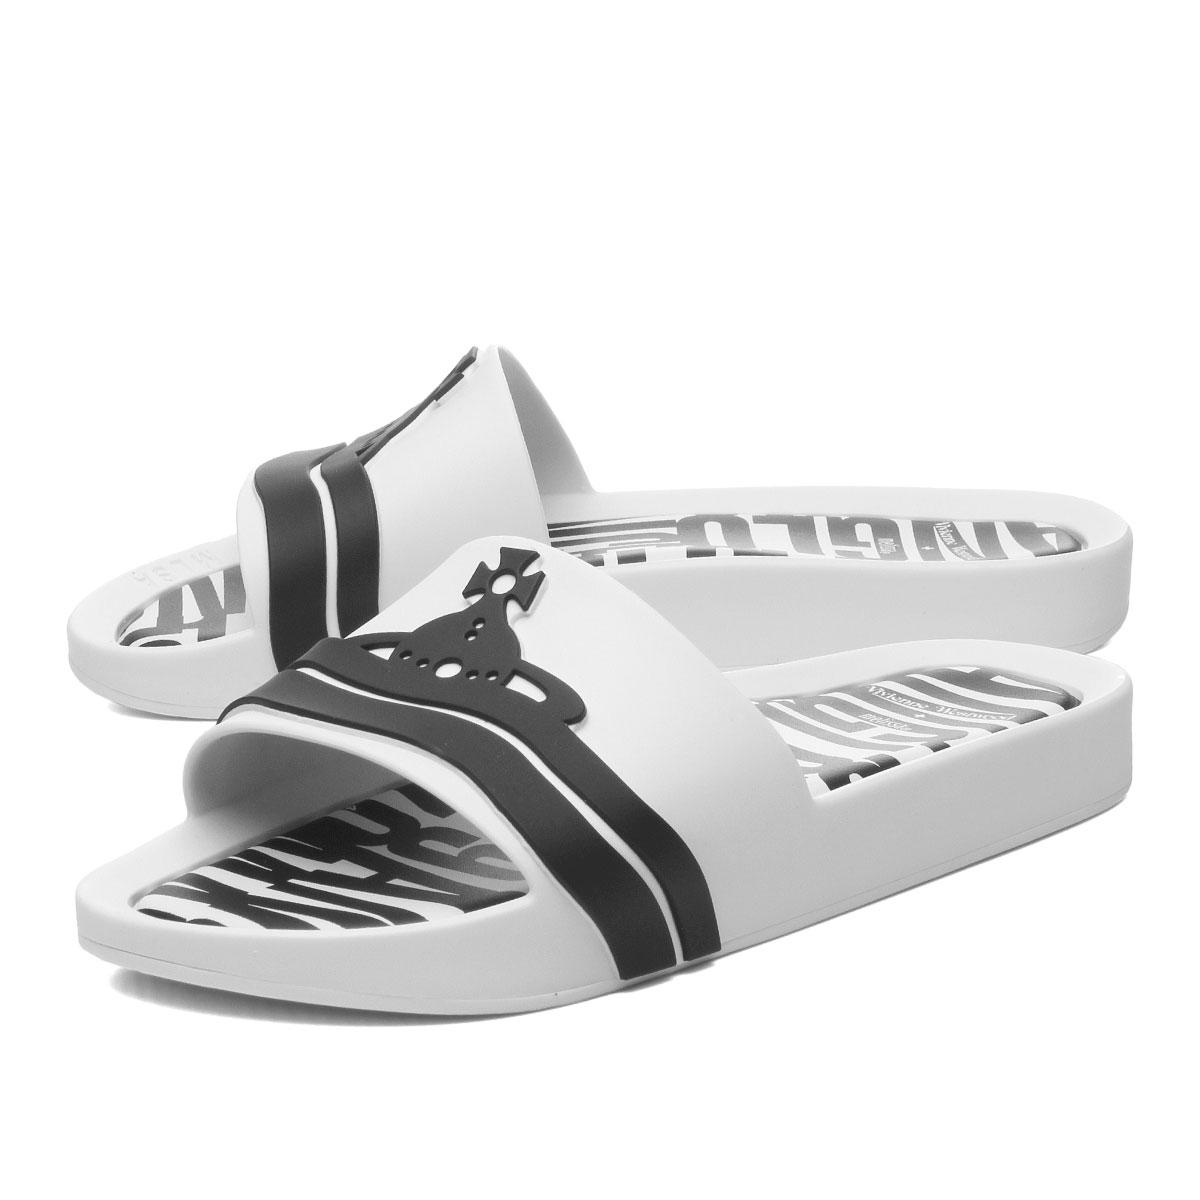 584a55fb757 Vivien waist Wood VIVIENNE WESTWOOD shoes Lady's 32225 52967 sandals WHITE  white ...